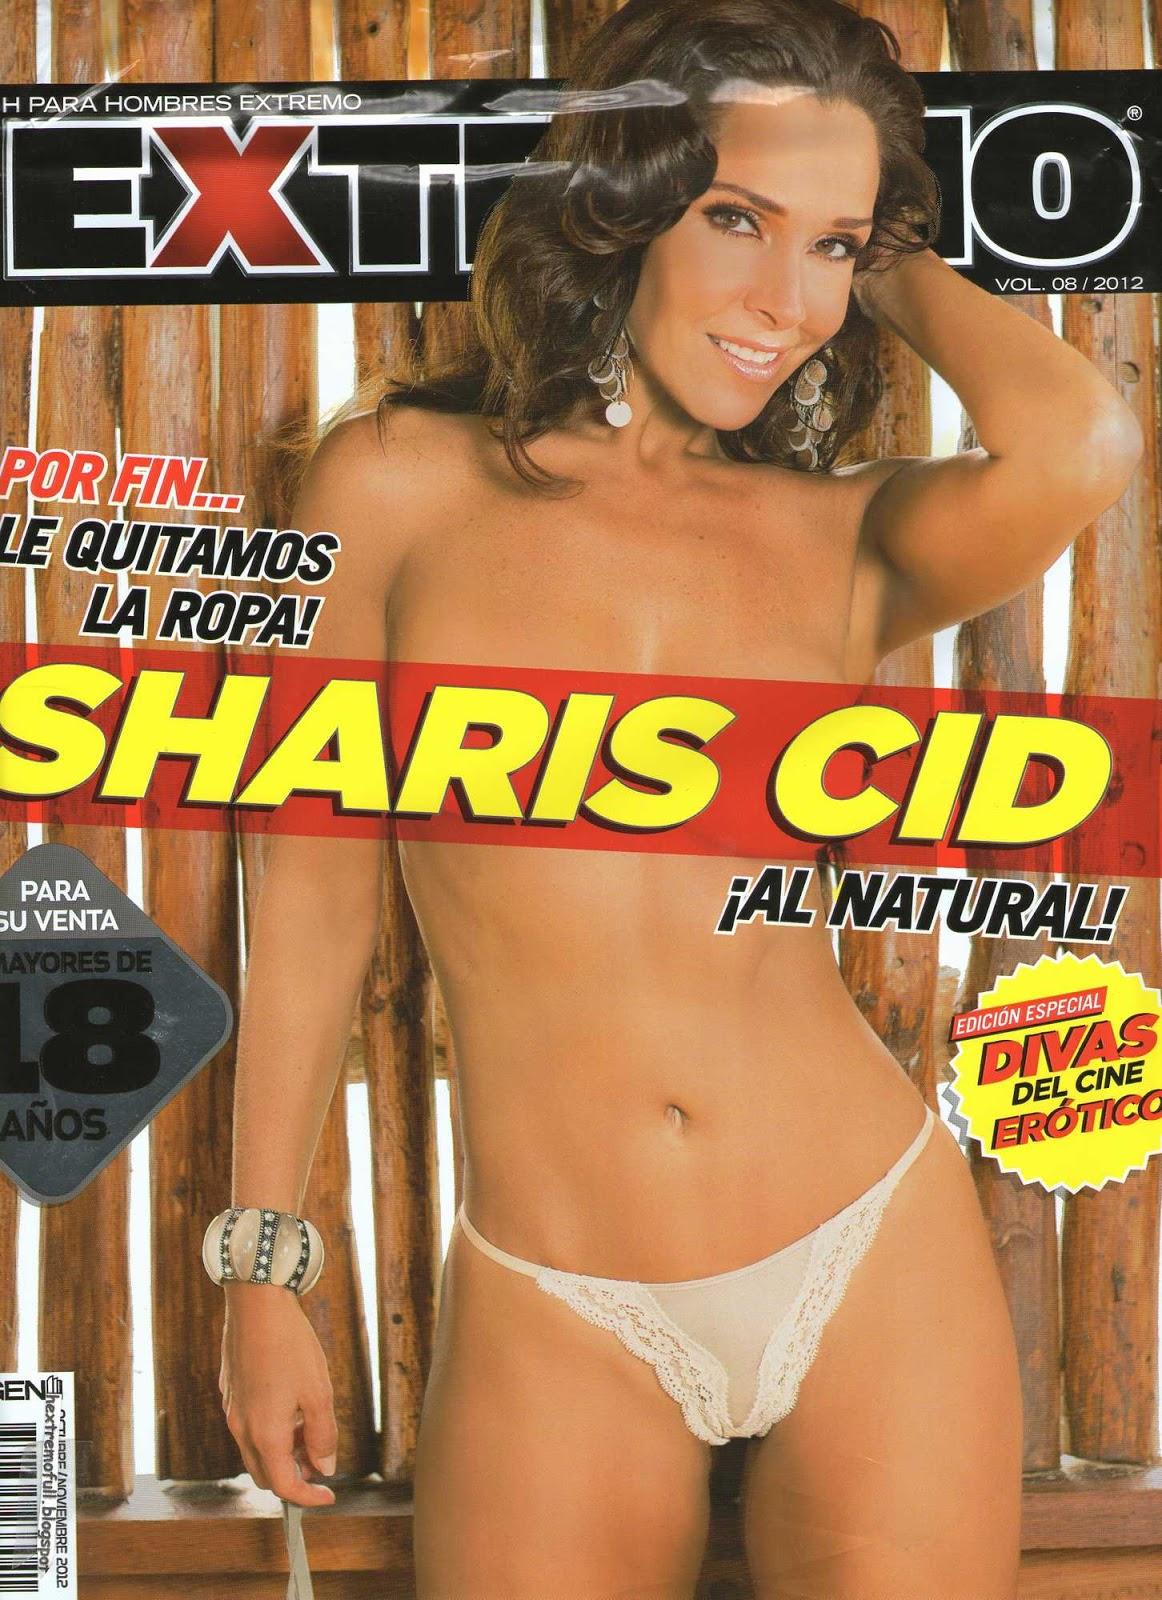 Anais Salazar H Extremo la guarida del bigfoot: sharis cid (h extremo)